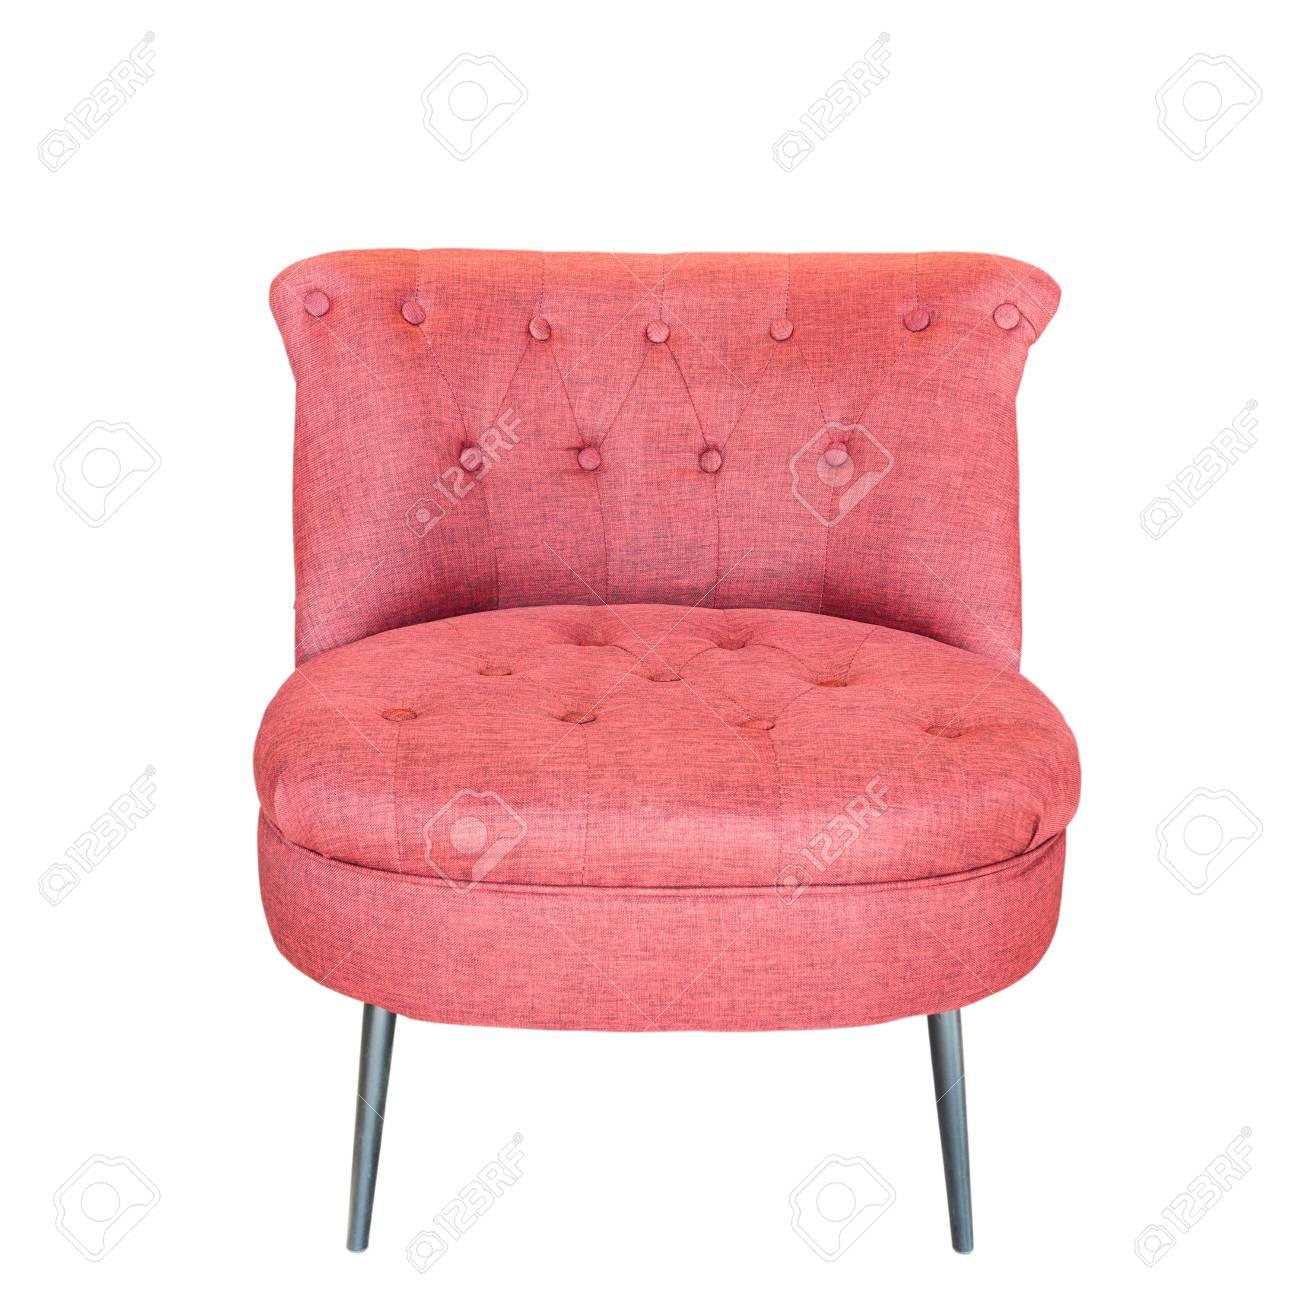 banque d images chaise moderne rouge isole sur fond blanc